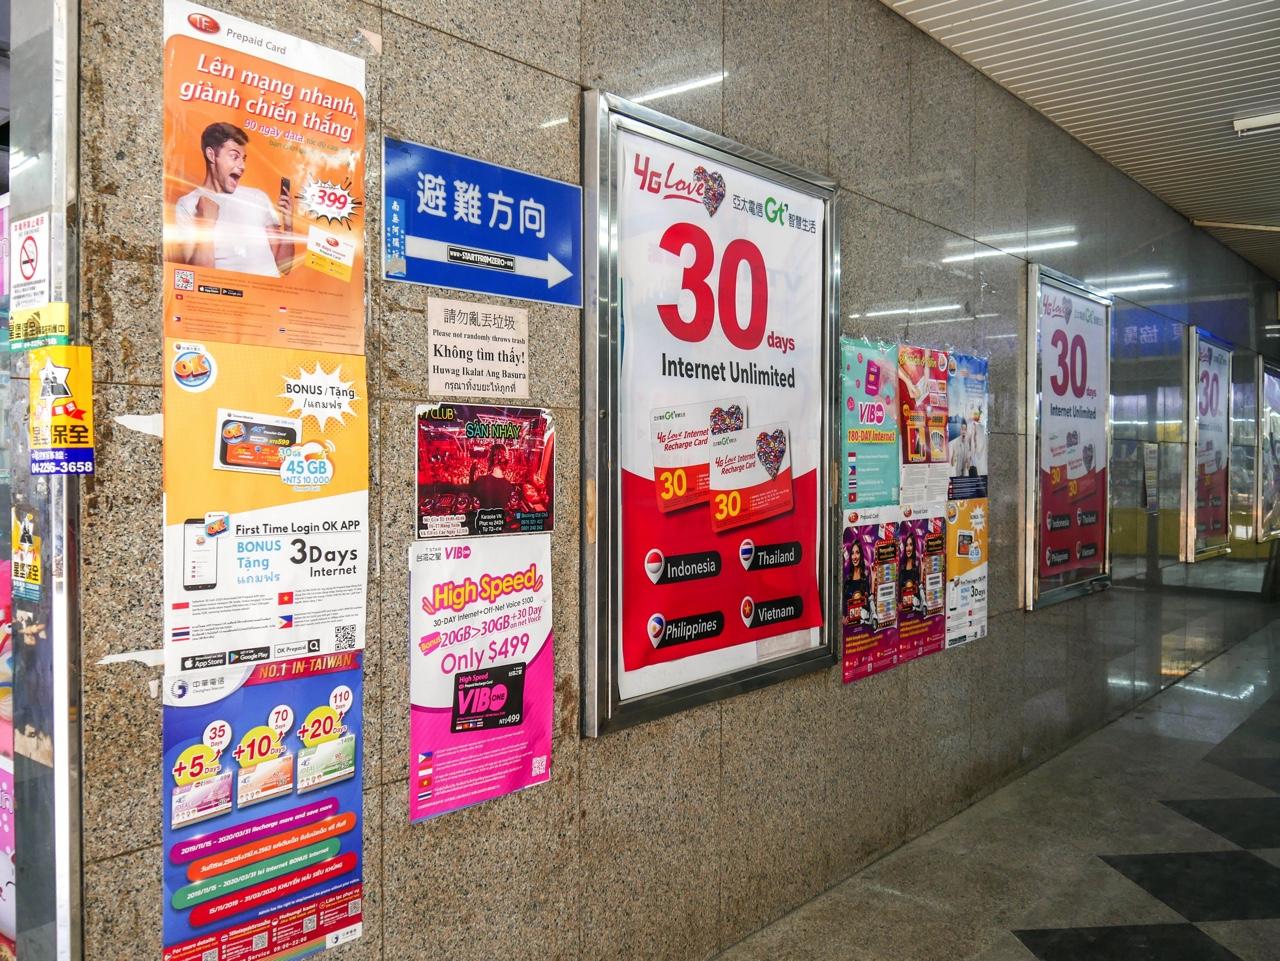 アセアン広場の入口に貼られた広告や注意書き